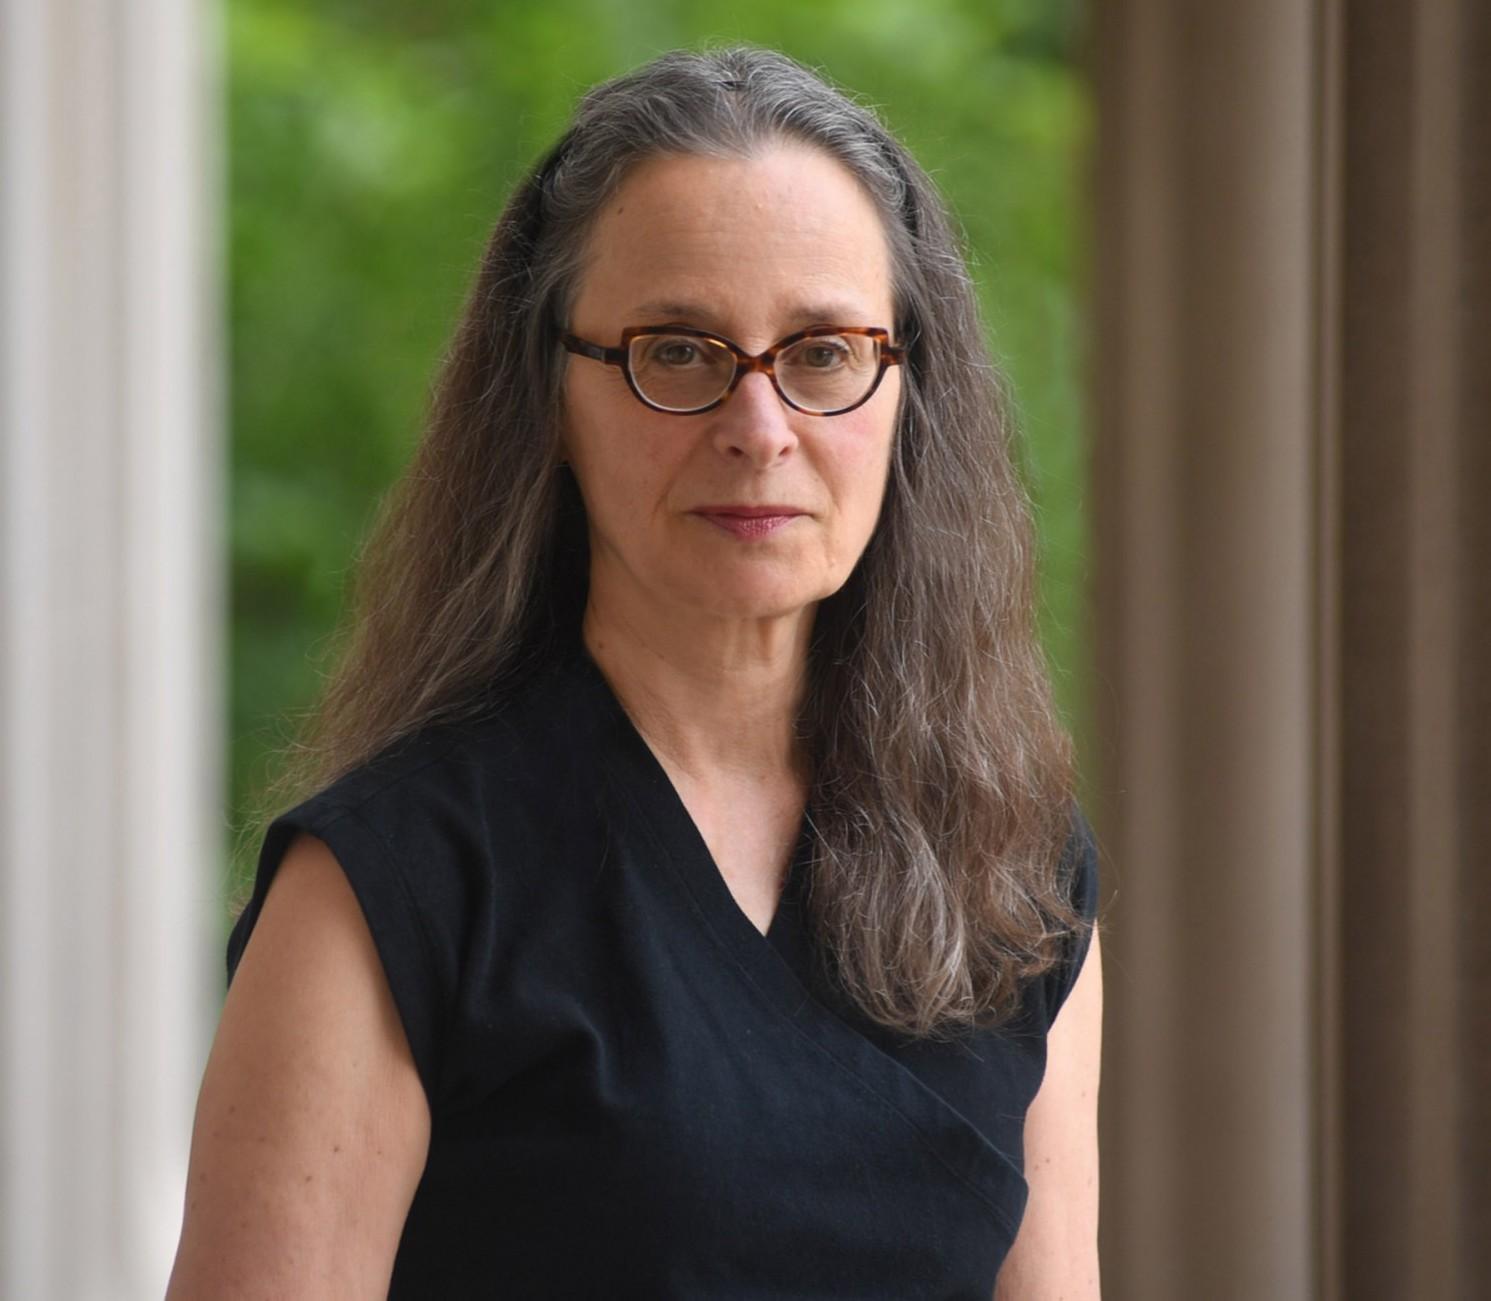 photo of Kathy Eden